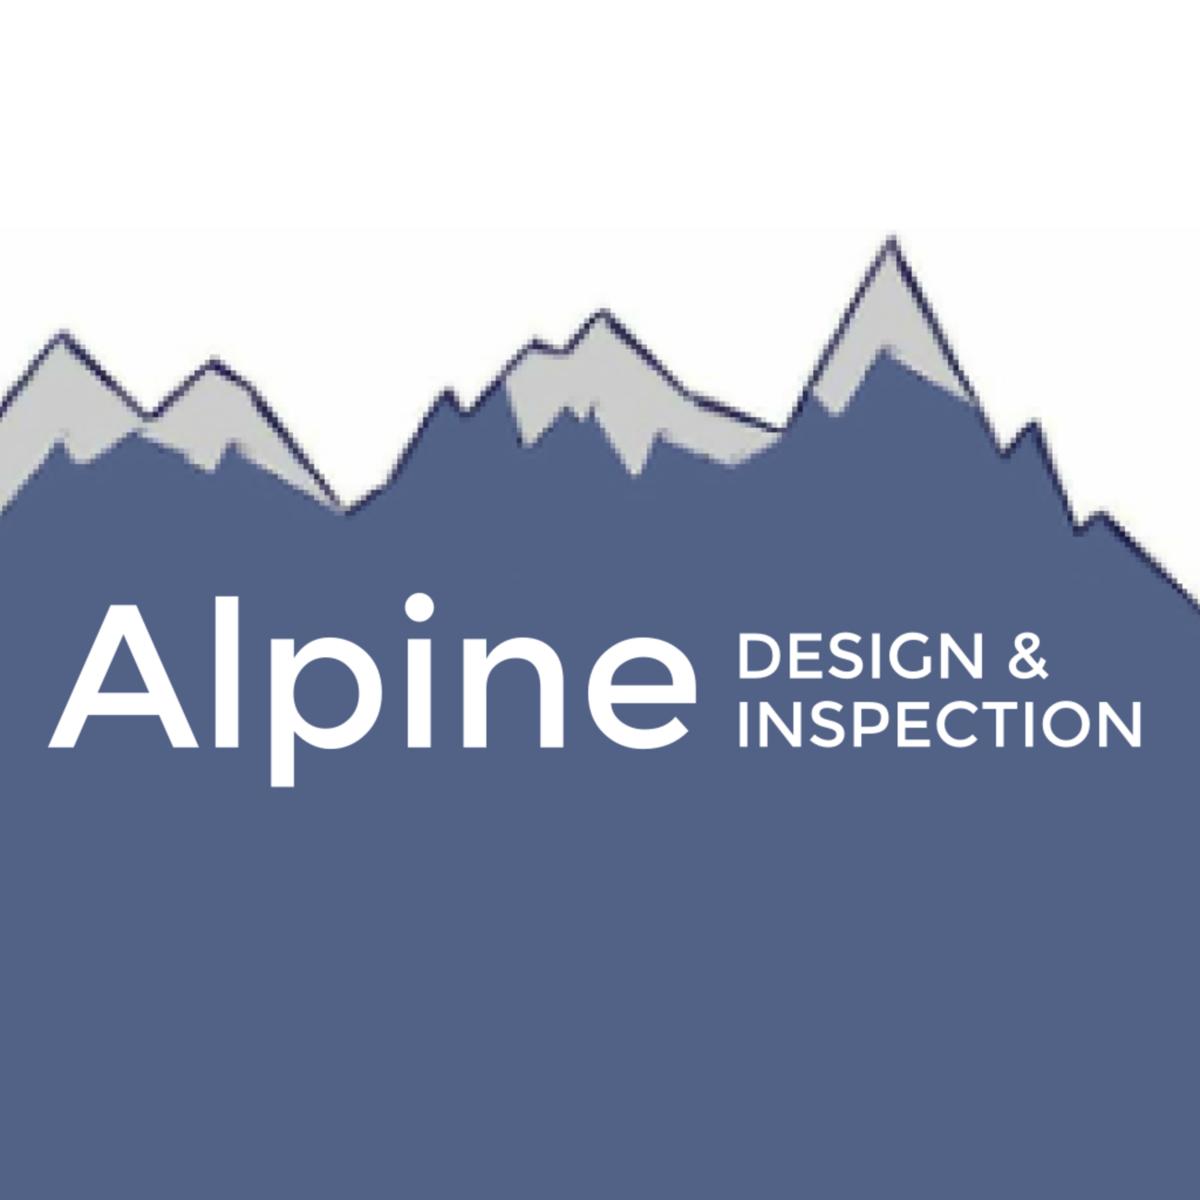 Alpine Design  Inspection Inc